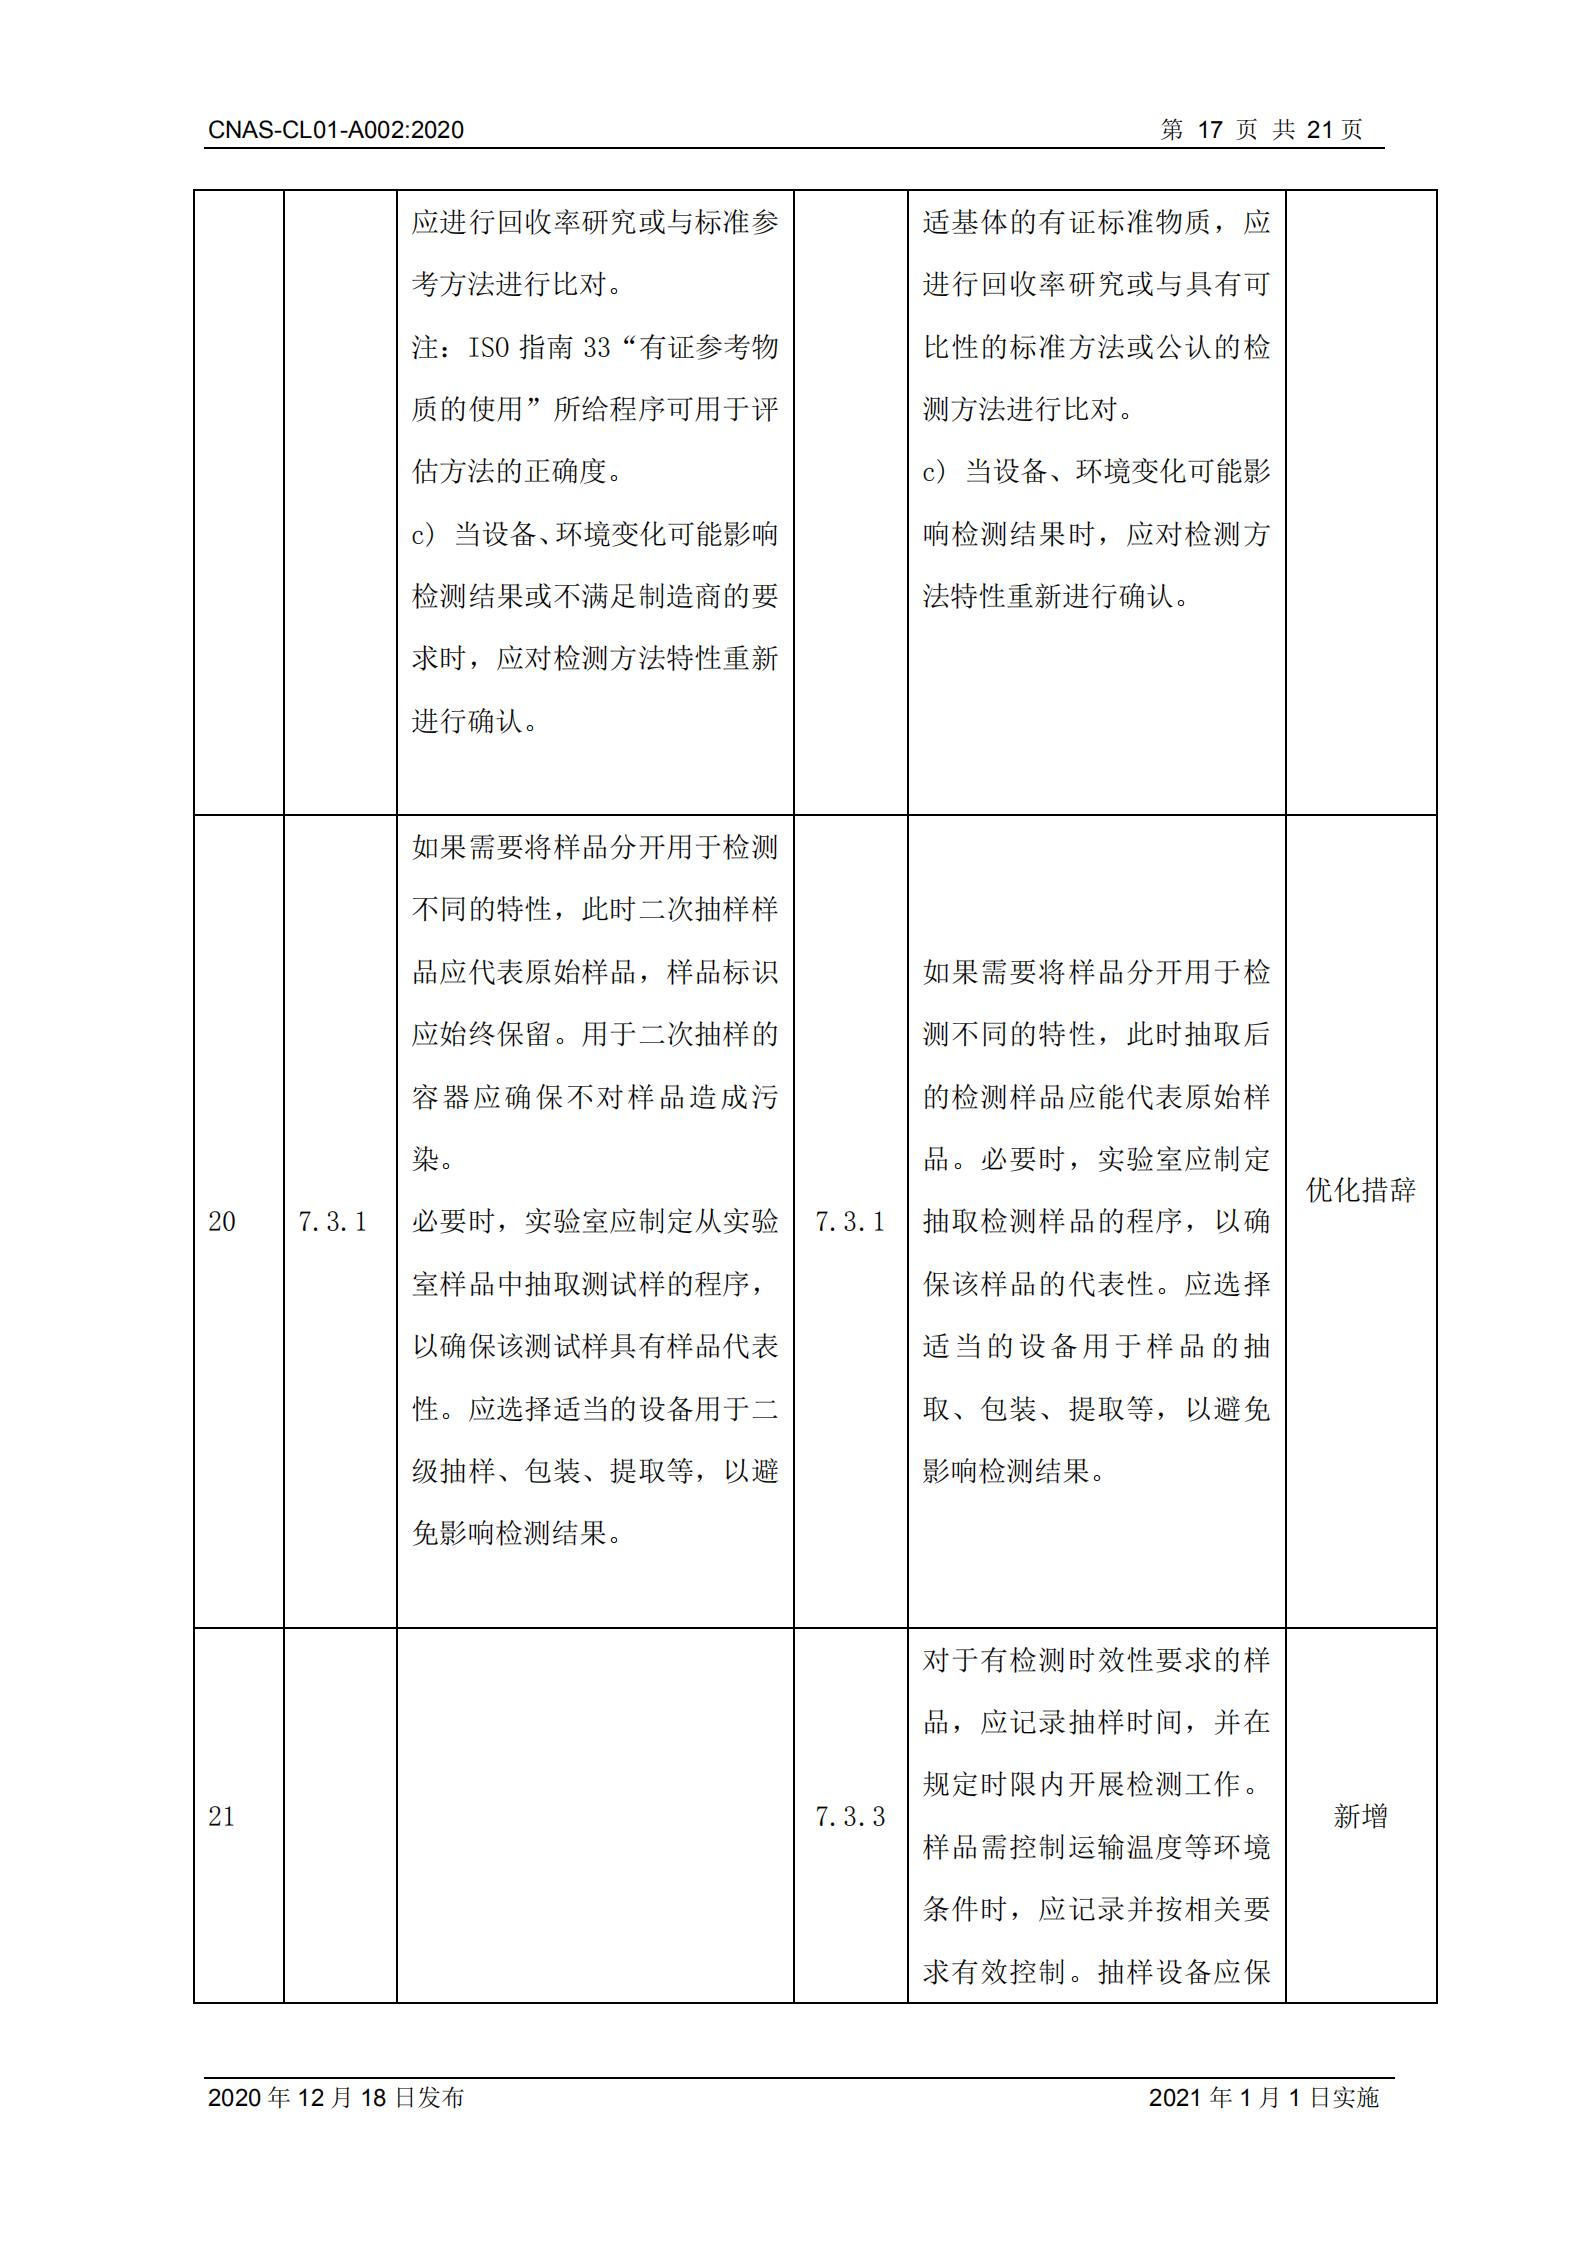 CNAS-CL01-A002_2020_17.png